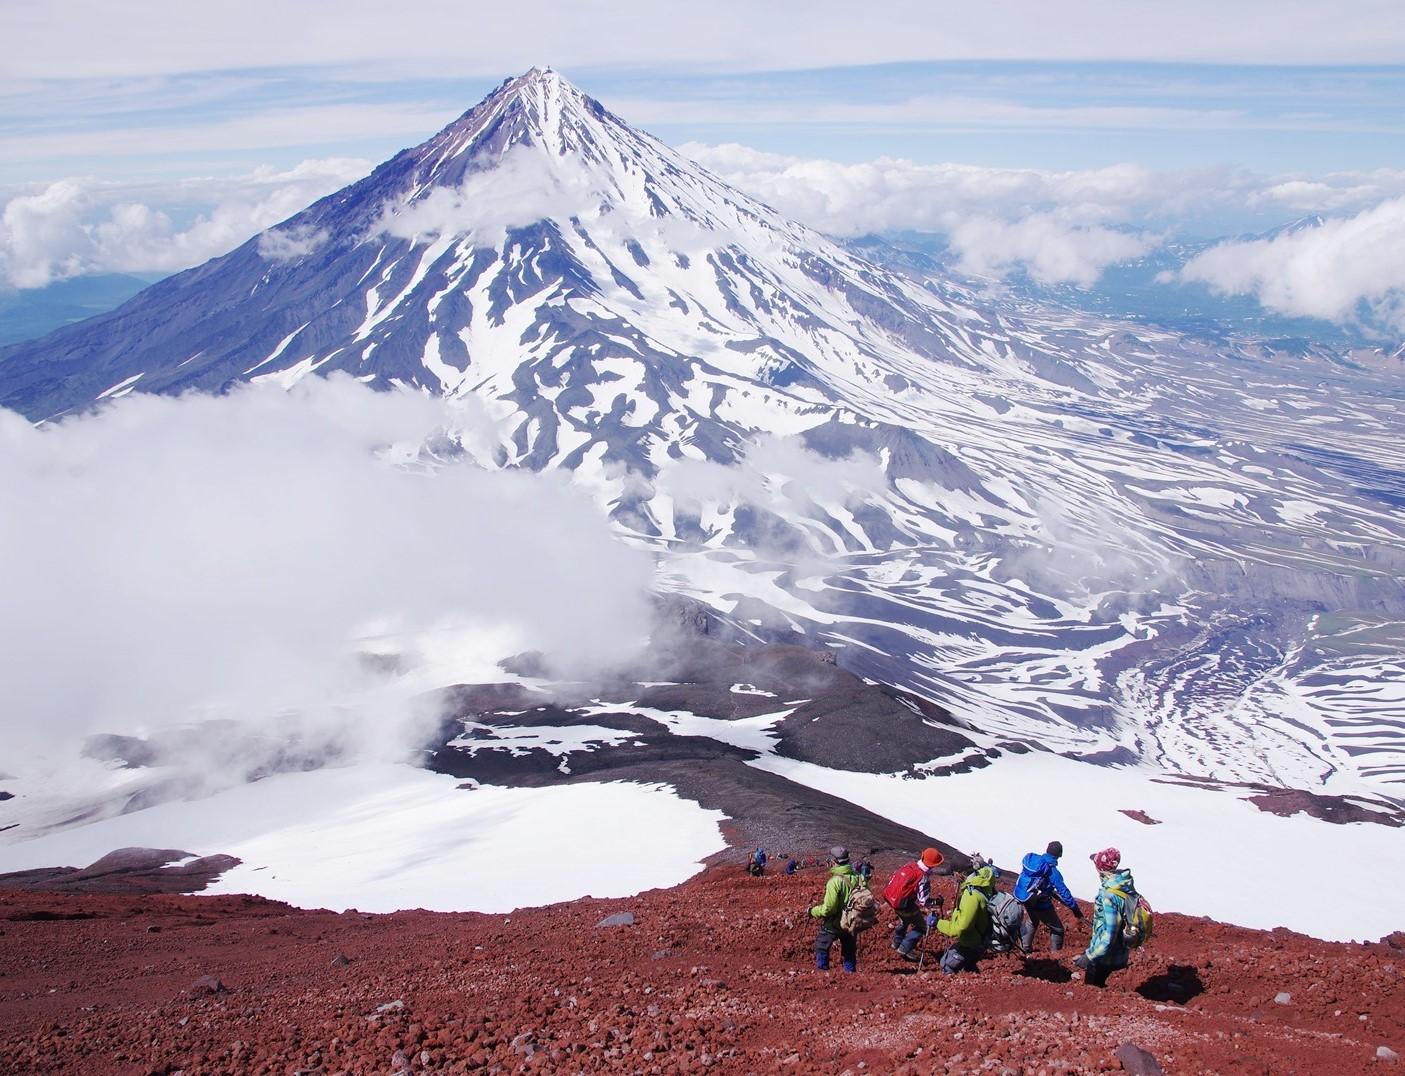 7月21日出発「カムチャッカ半島アバチャ山登頂と花のバチェカズェッツ山麓 5日間」